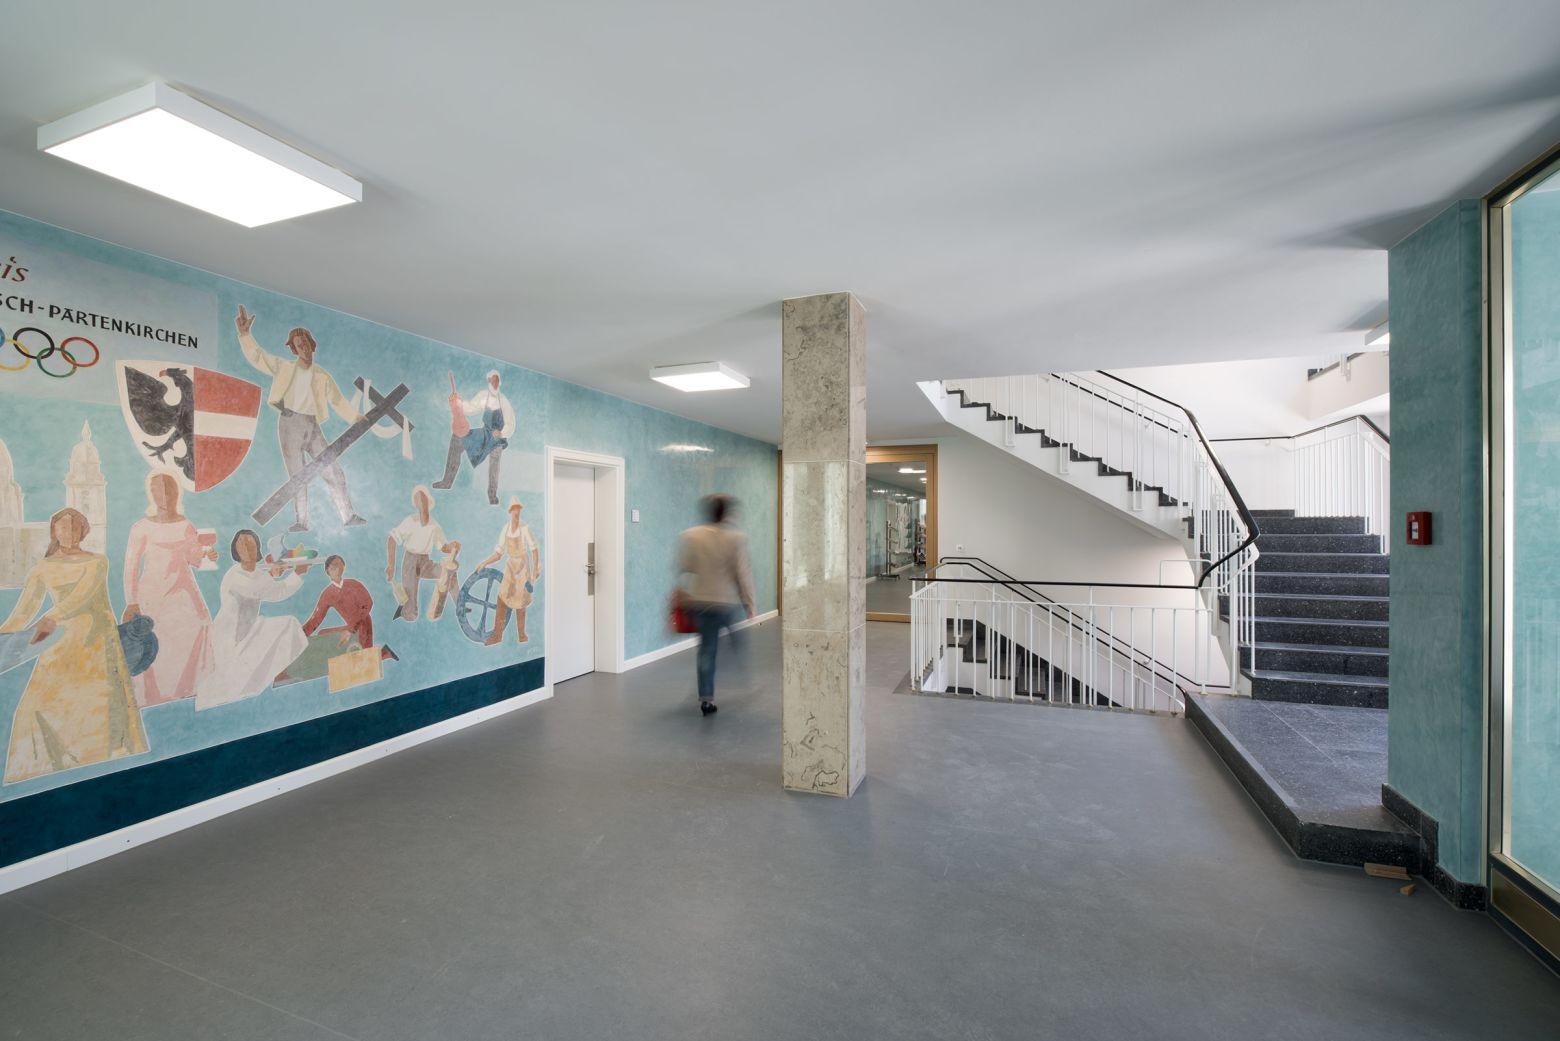 Eingangshalle mit Wandgemälde